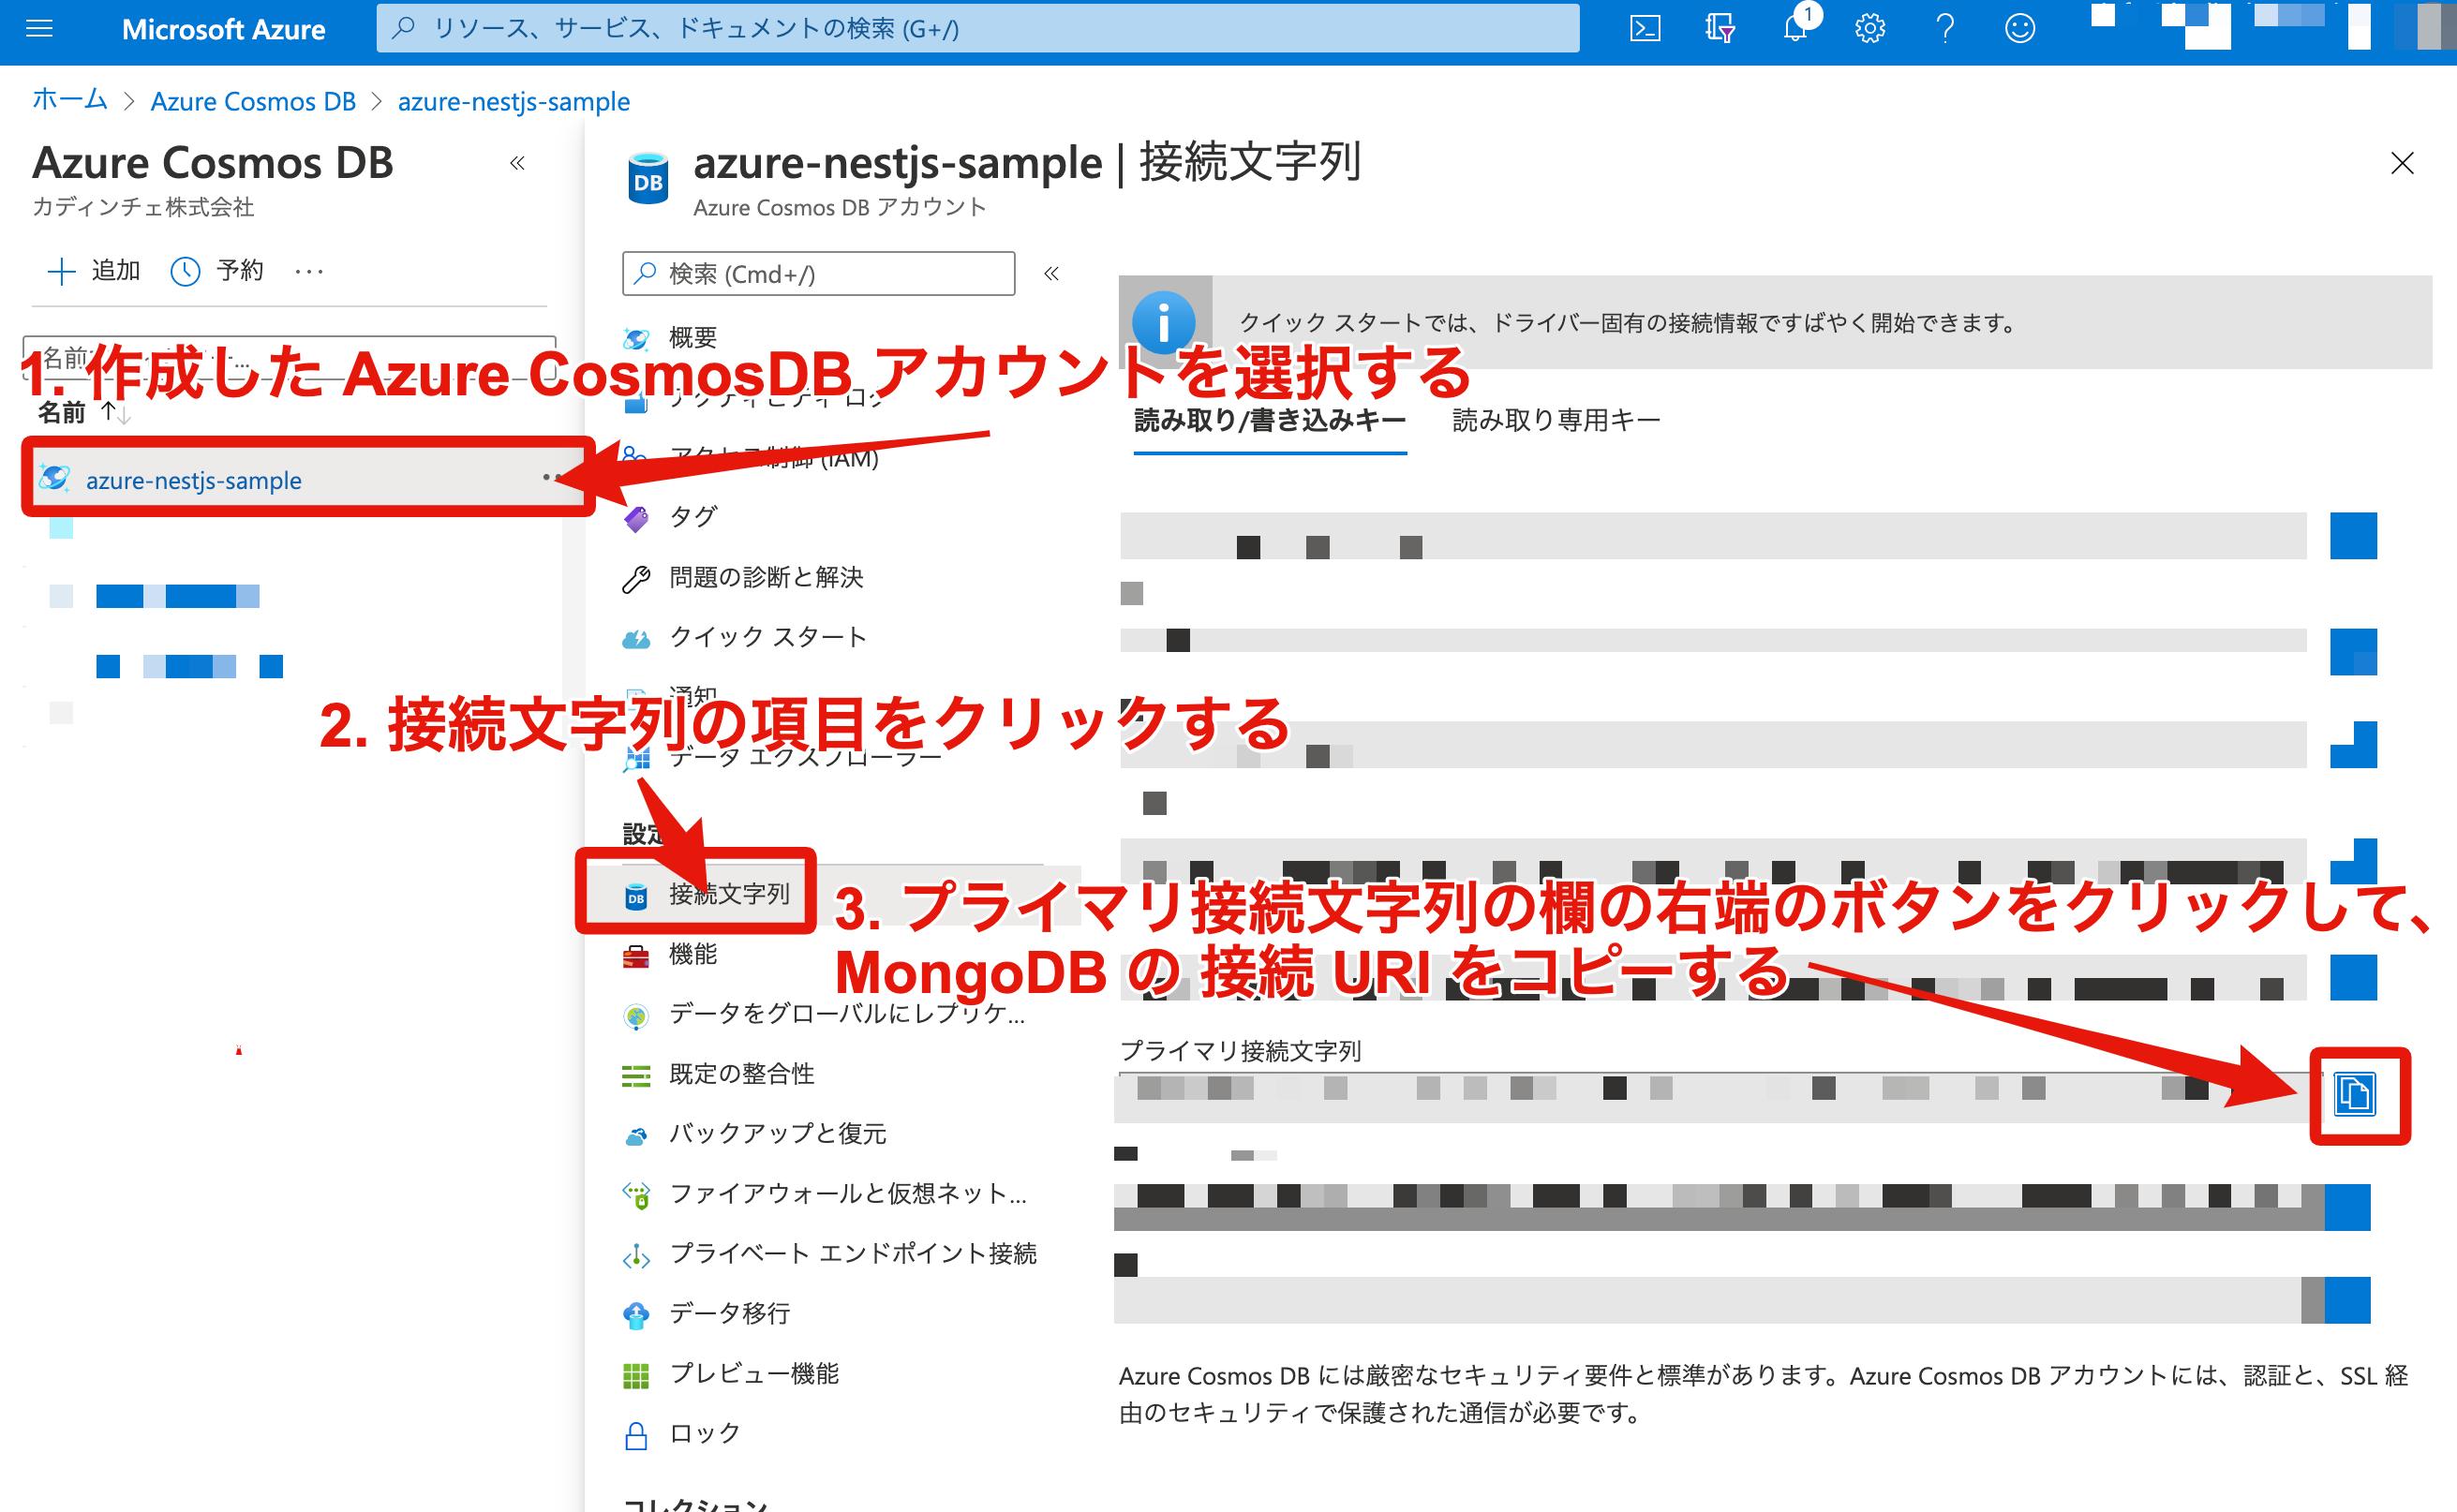 2. Azure Cosmos DB の MongoDB URI を取得して控えておく